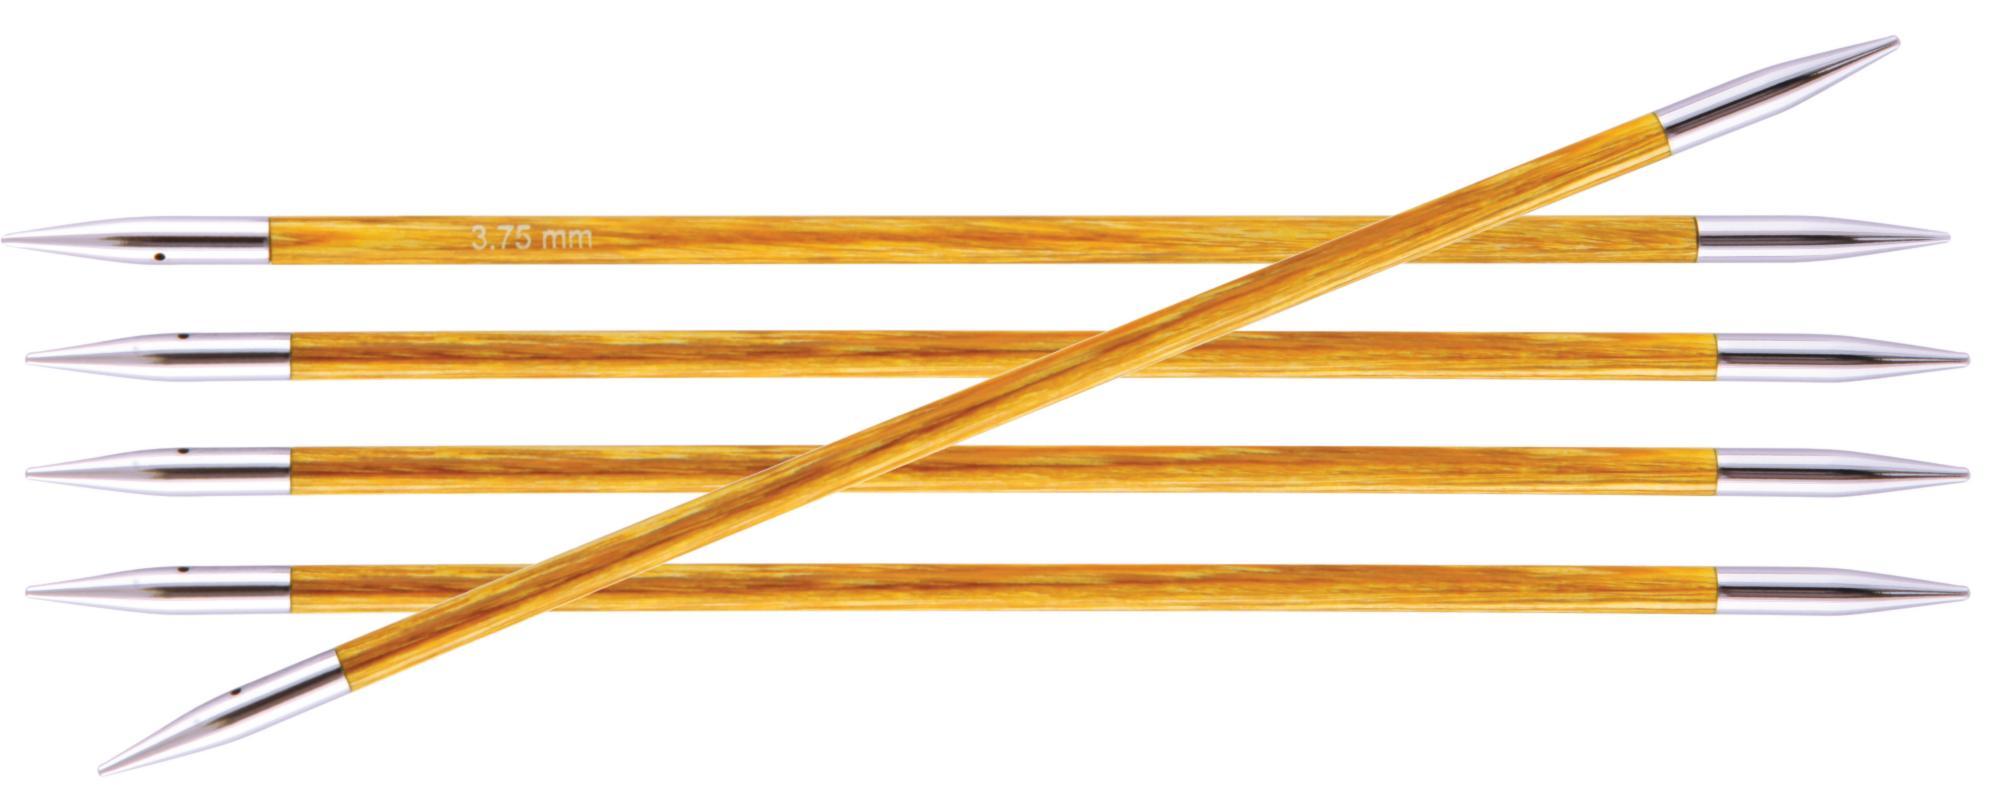 Спицы носочные 20 см Royale KnitPro, 29036, 3.75 мм